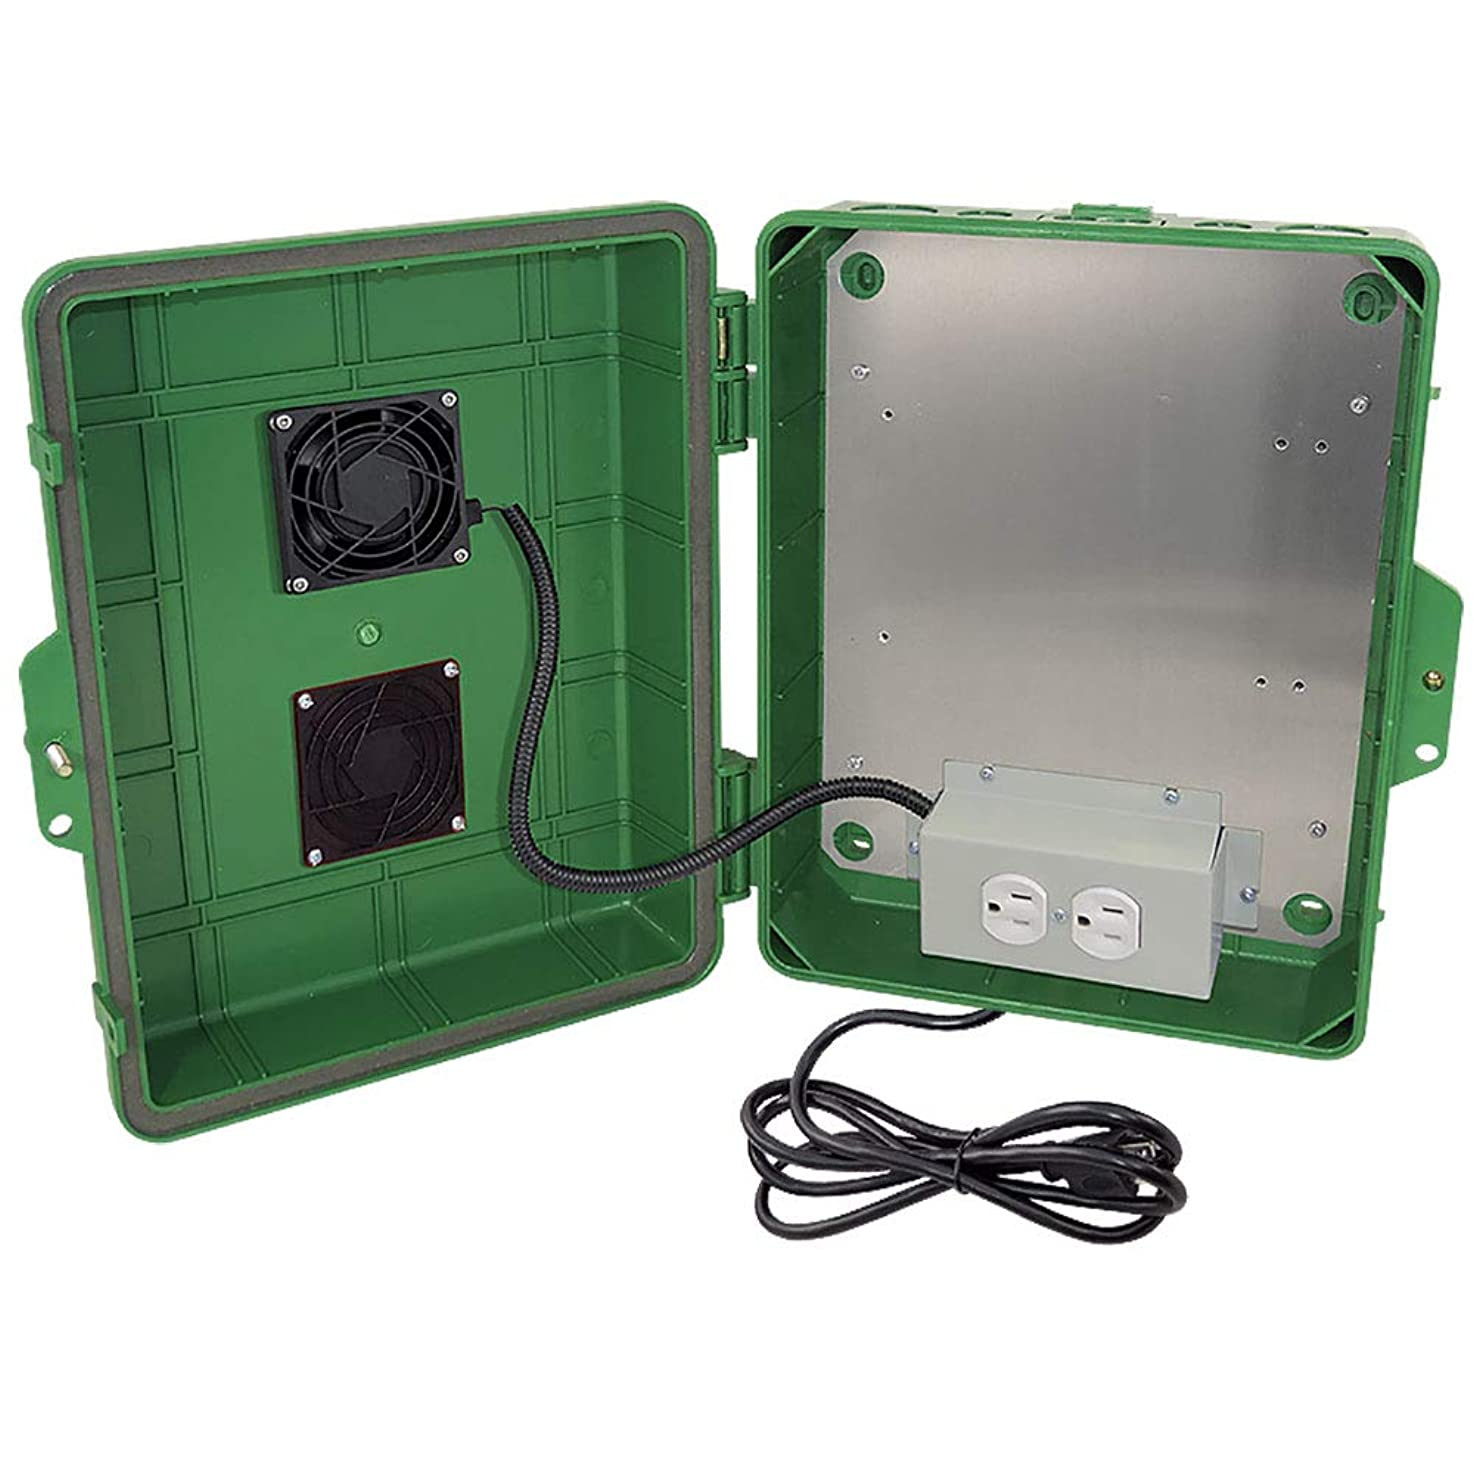 Altelix Green Vented NEMA Enclosure 14x11x5 (9